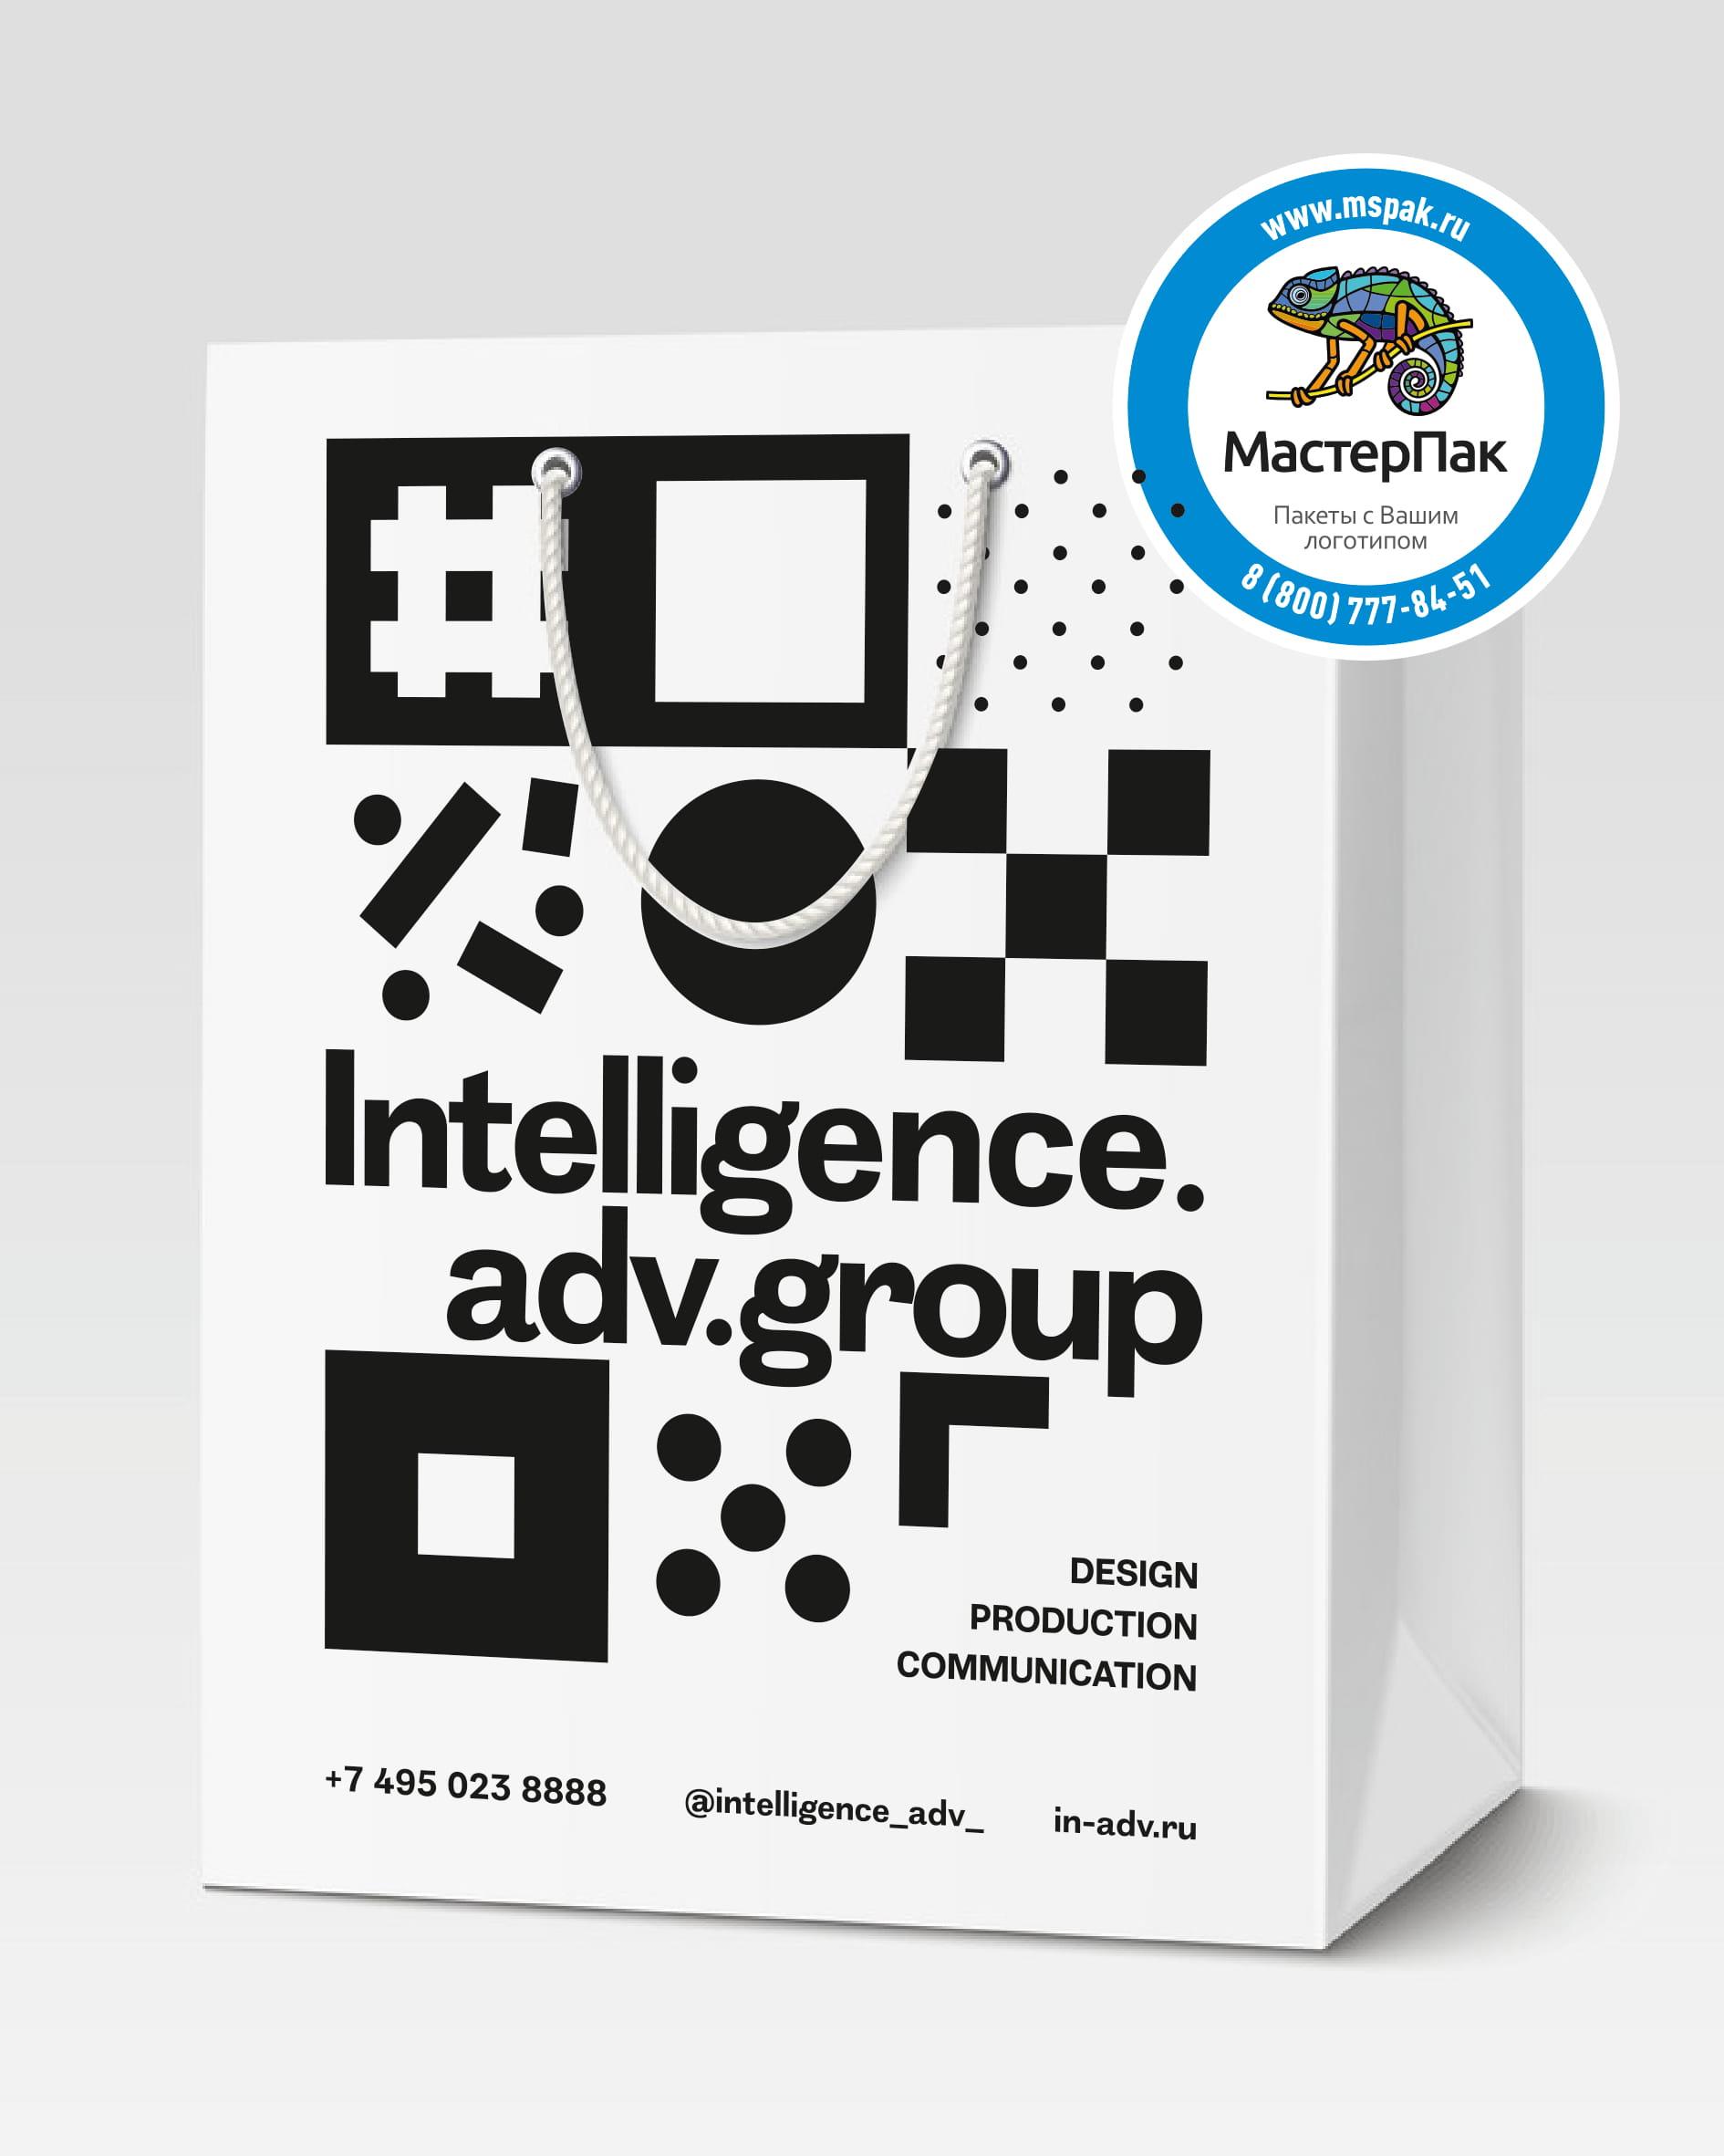 Пакет подарочный, бумажный с логотипом Intelligence.adv.group, 30*40, люверсы